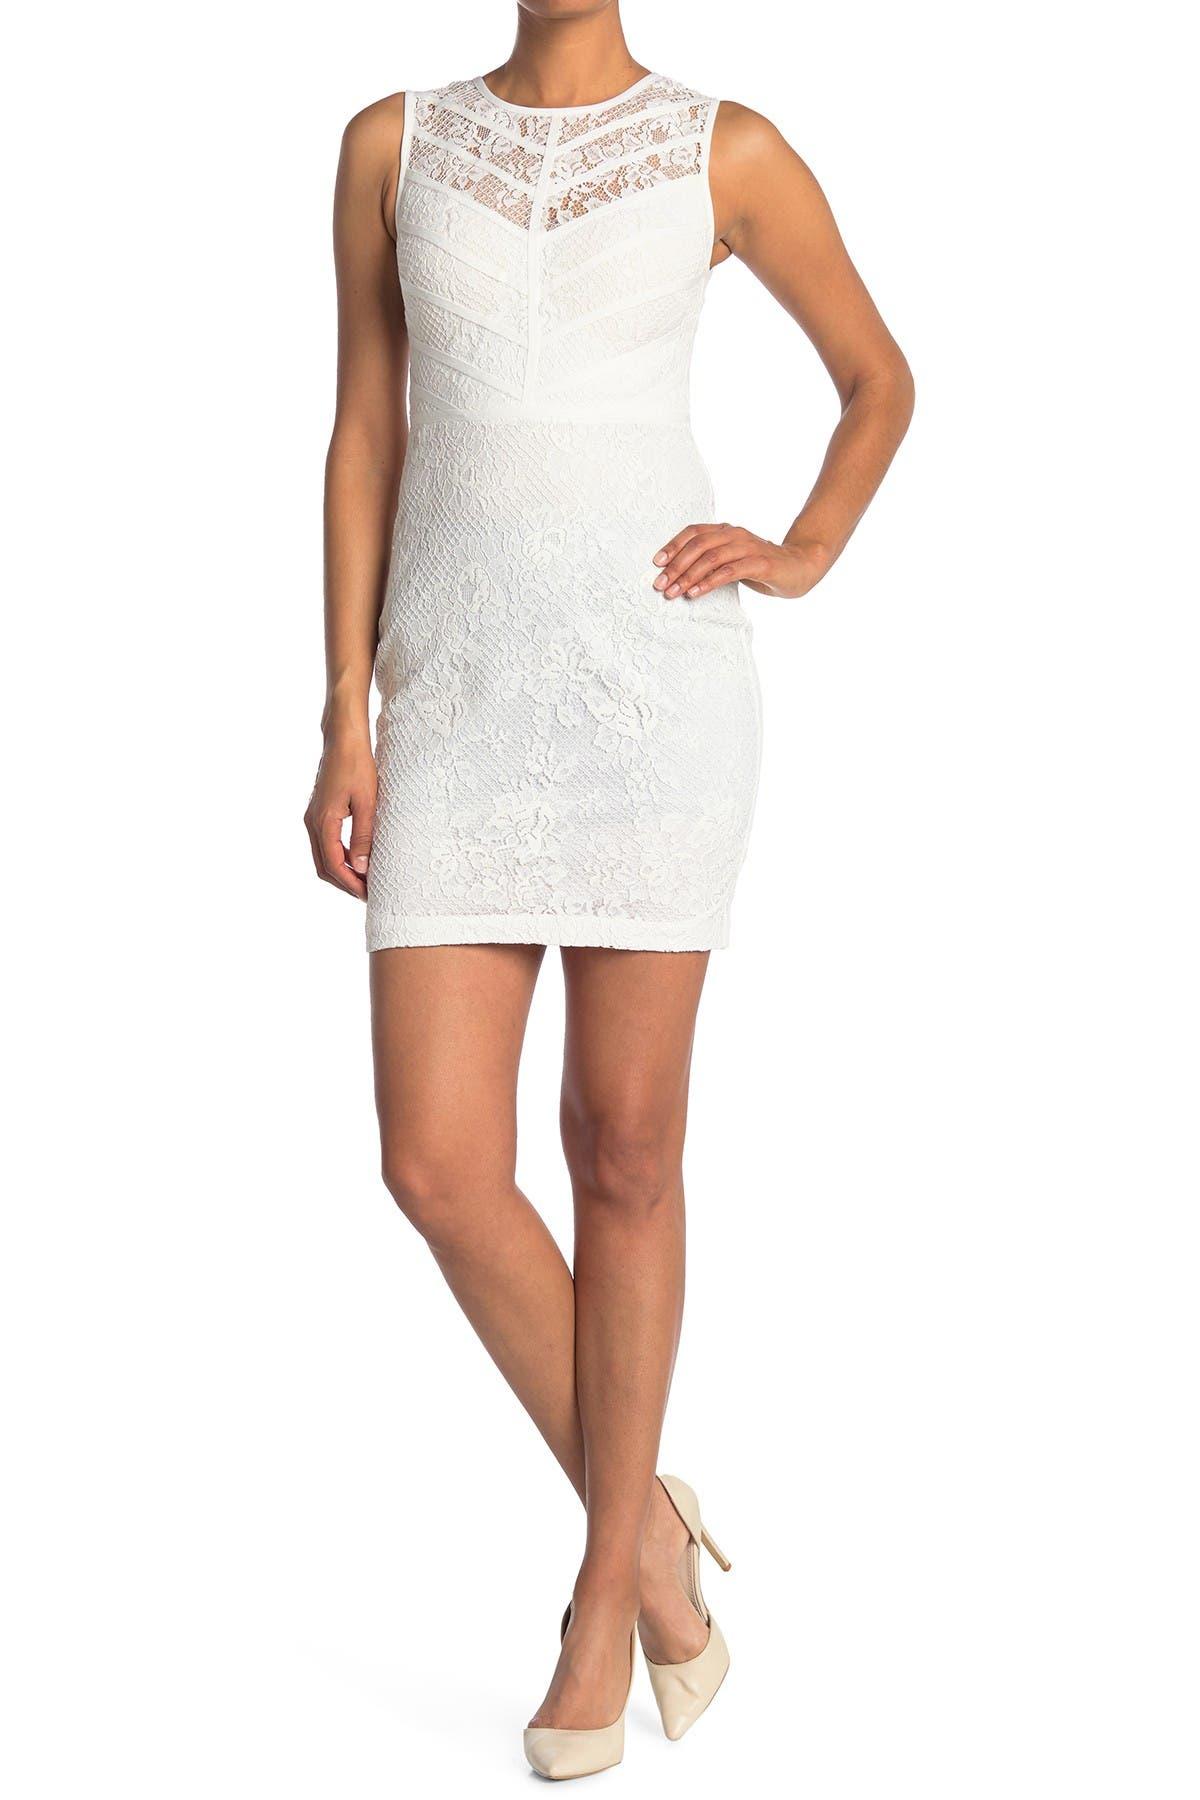 Image of GUESS Lace Sleeveless Sheath Dress